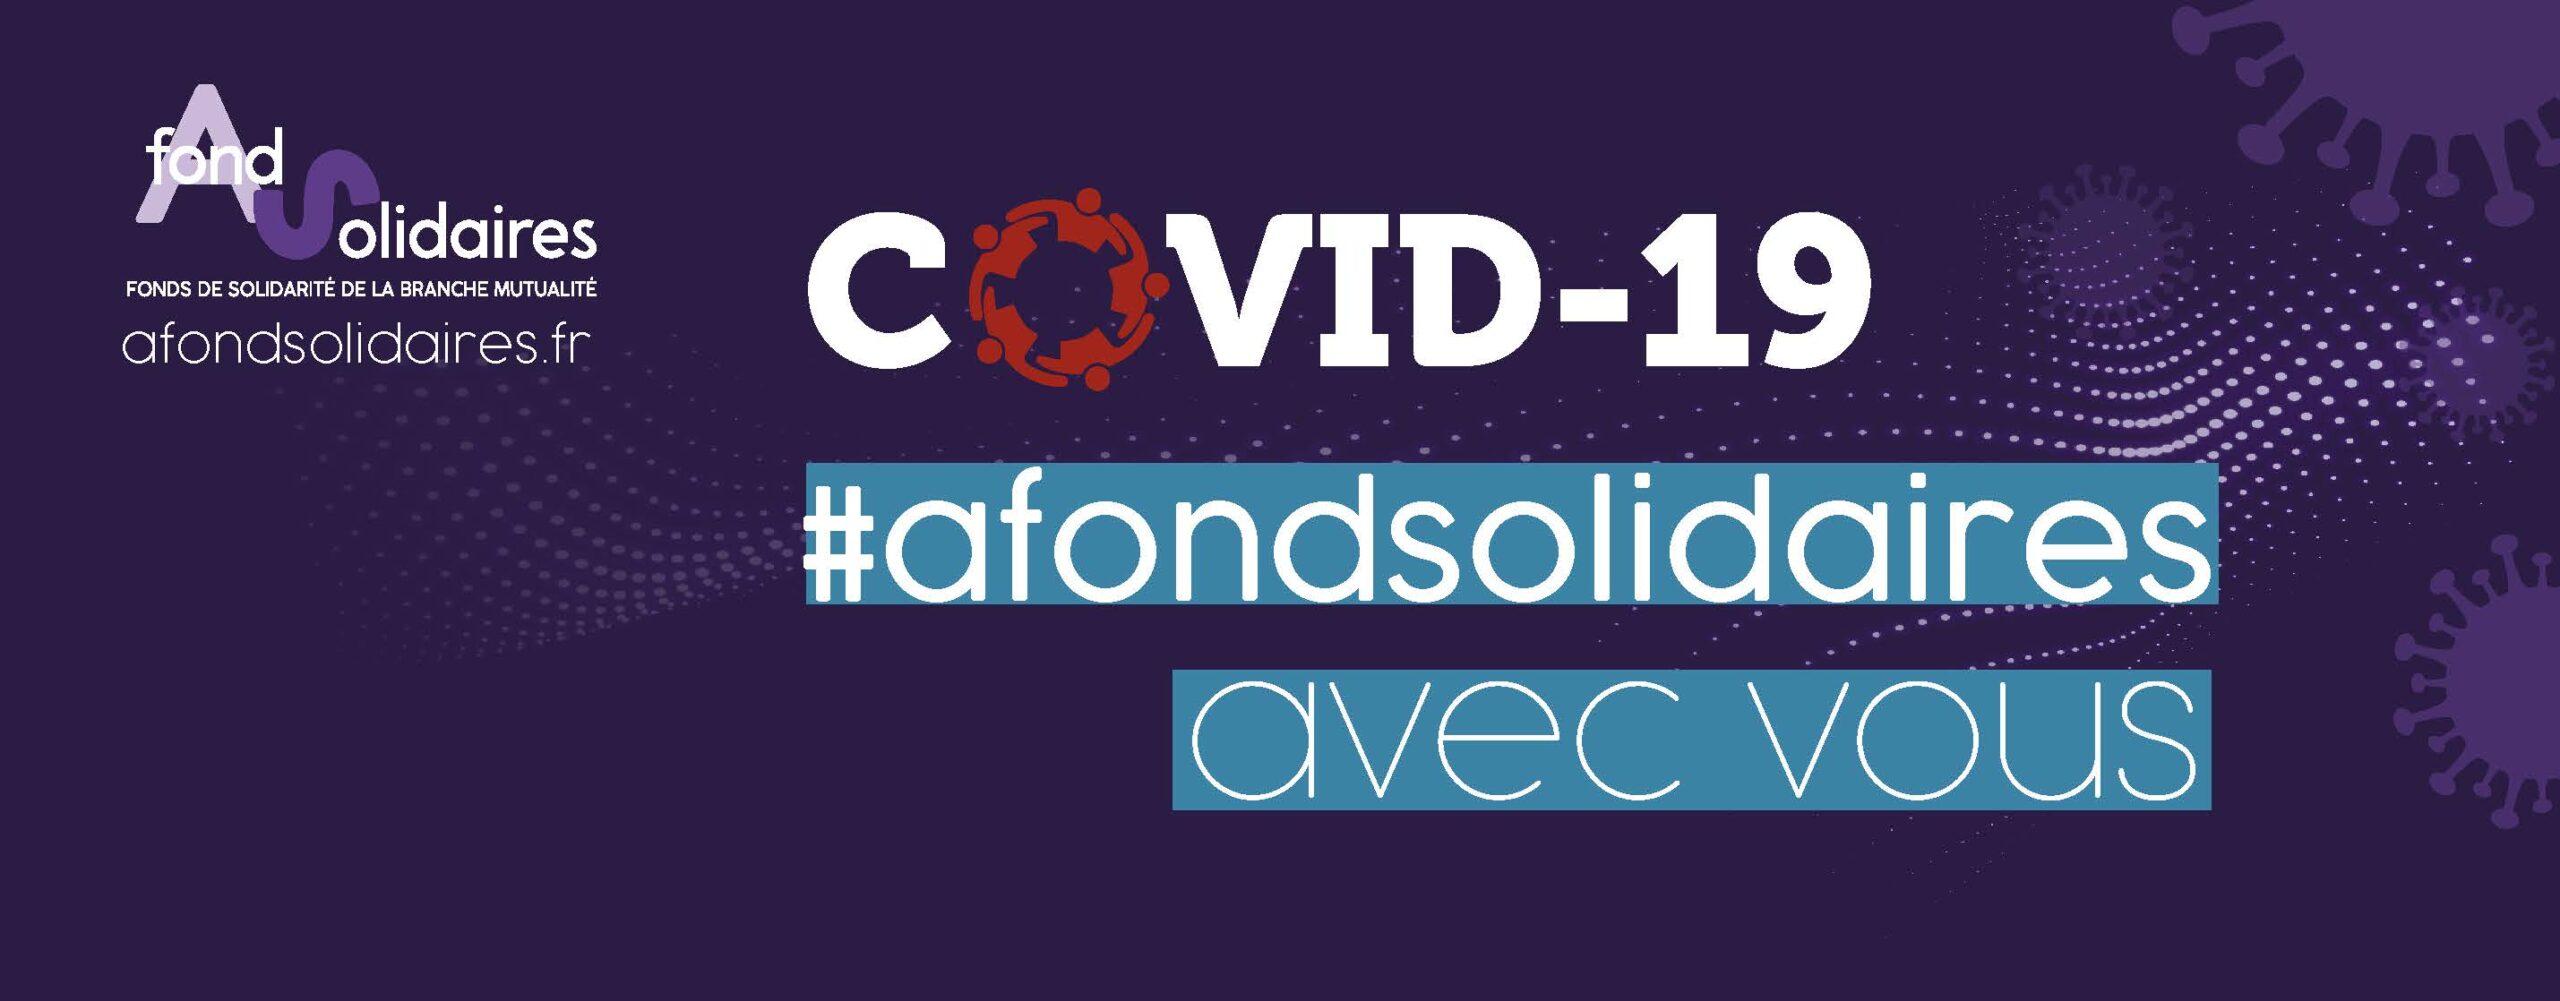 Le Fonds de solidarité de la branche Mutualité se mobilise face à l'épidémie de COVID-19